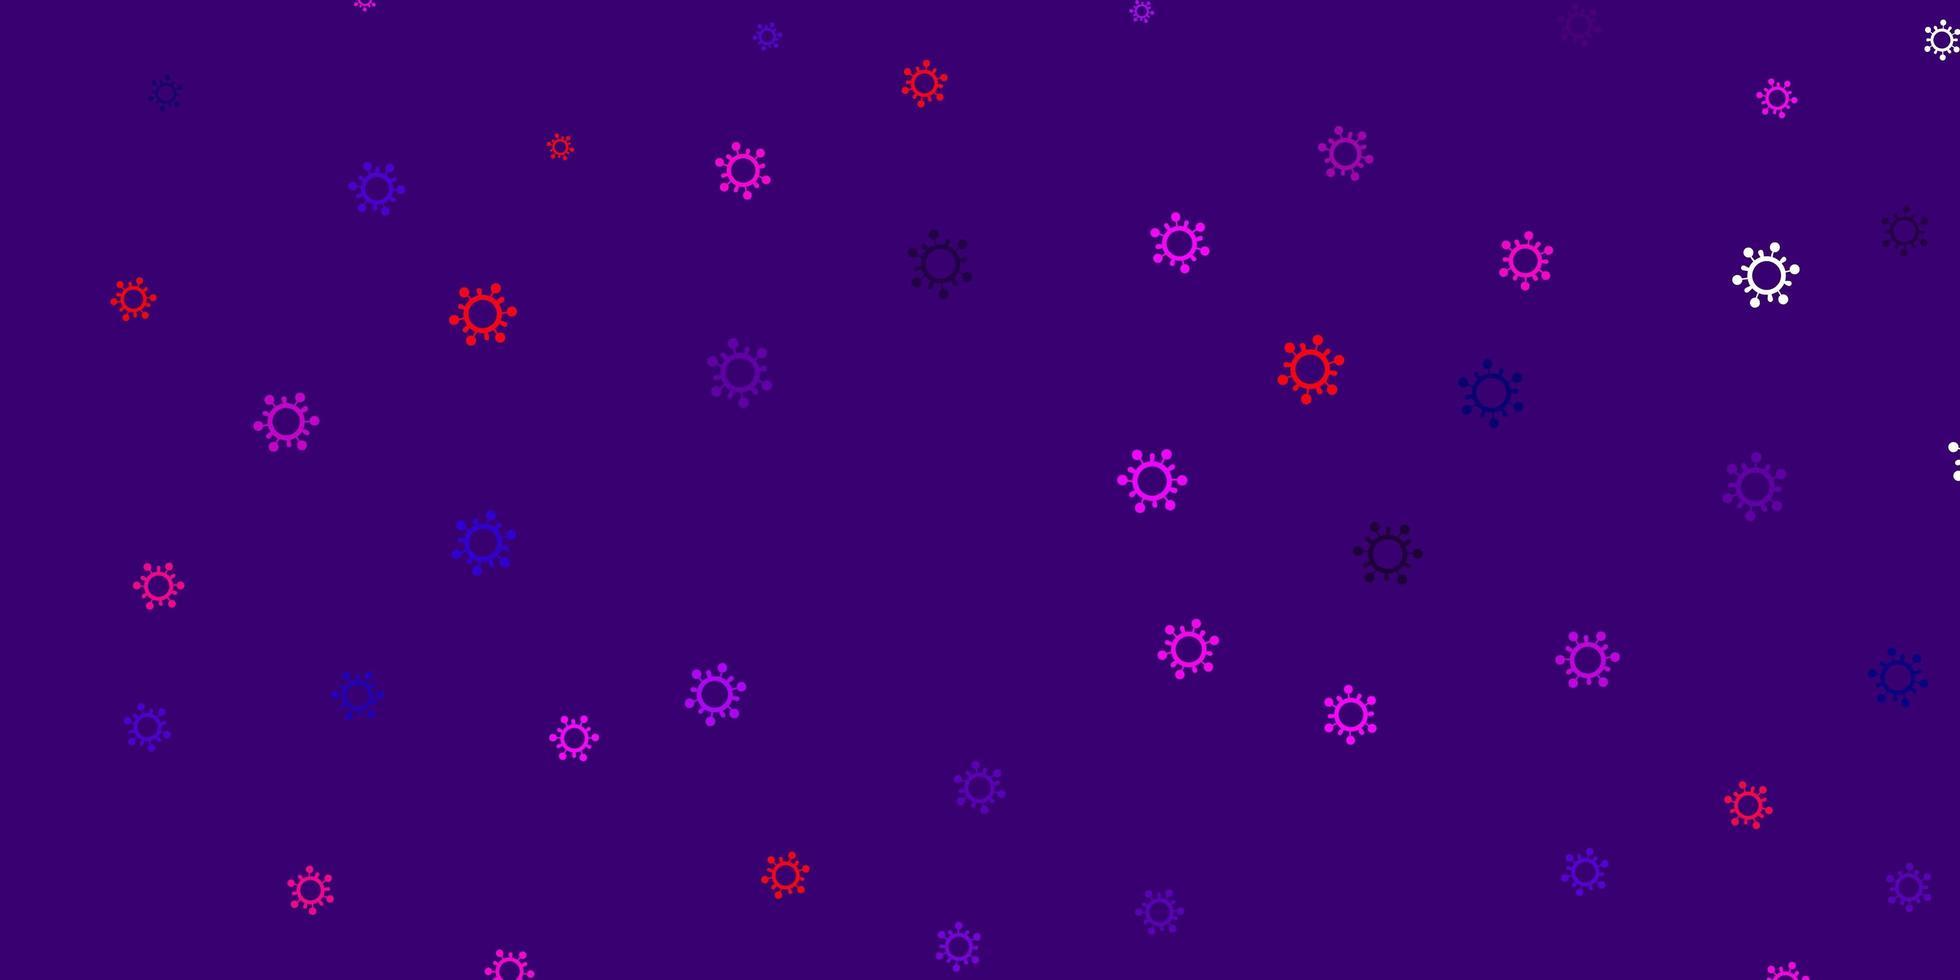 modello viola con segni di influenza. vettore